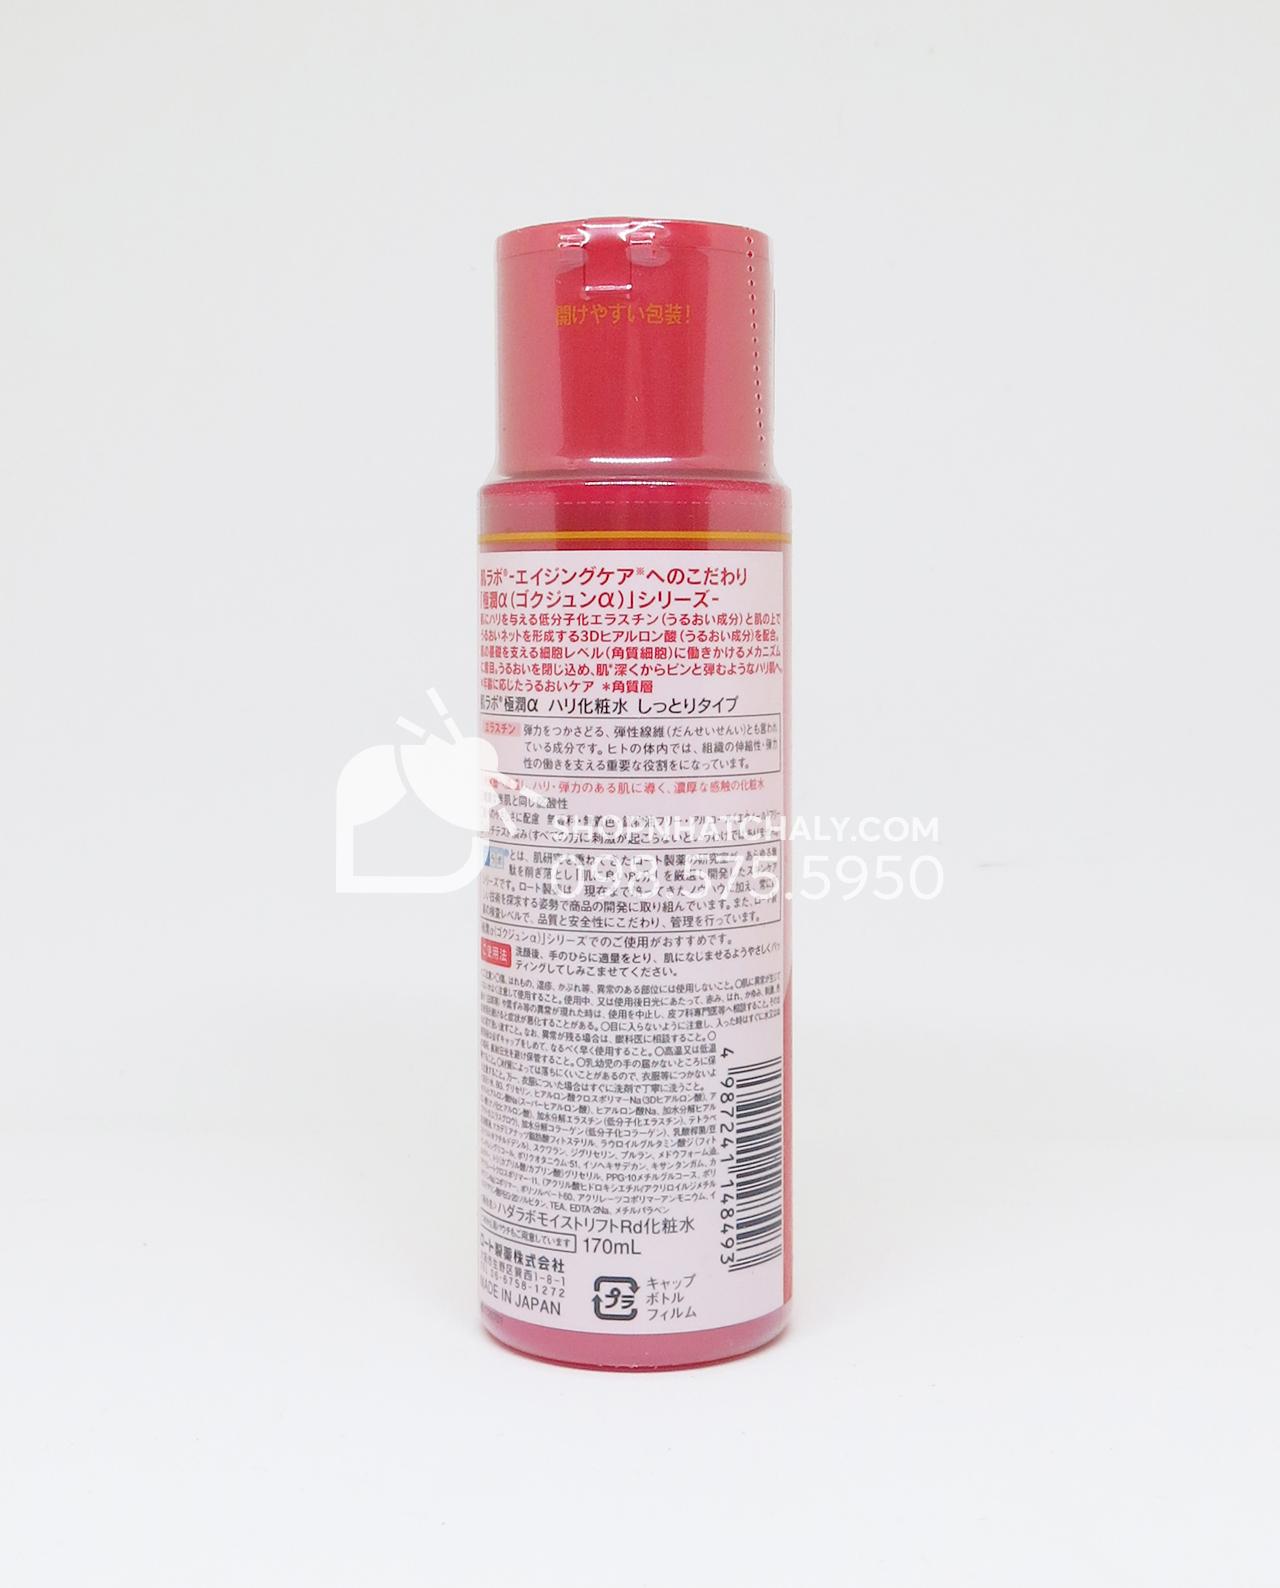 Nước hoa hồng chống lão hóa Hada Labo Gokujyun Alpha Lotion Nhật Bản - thông tin sản phẩm